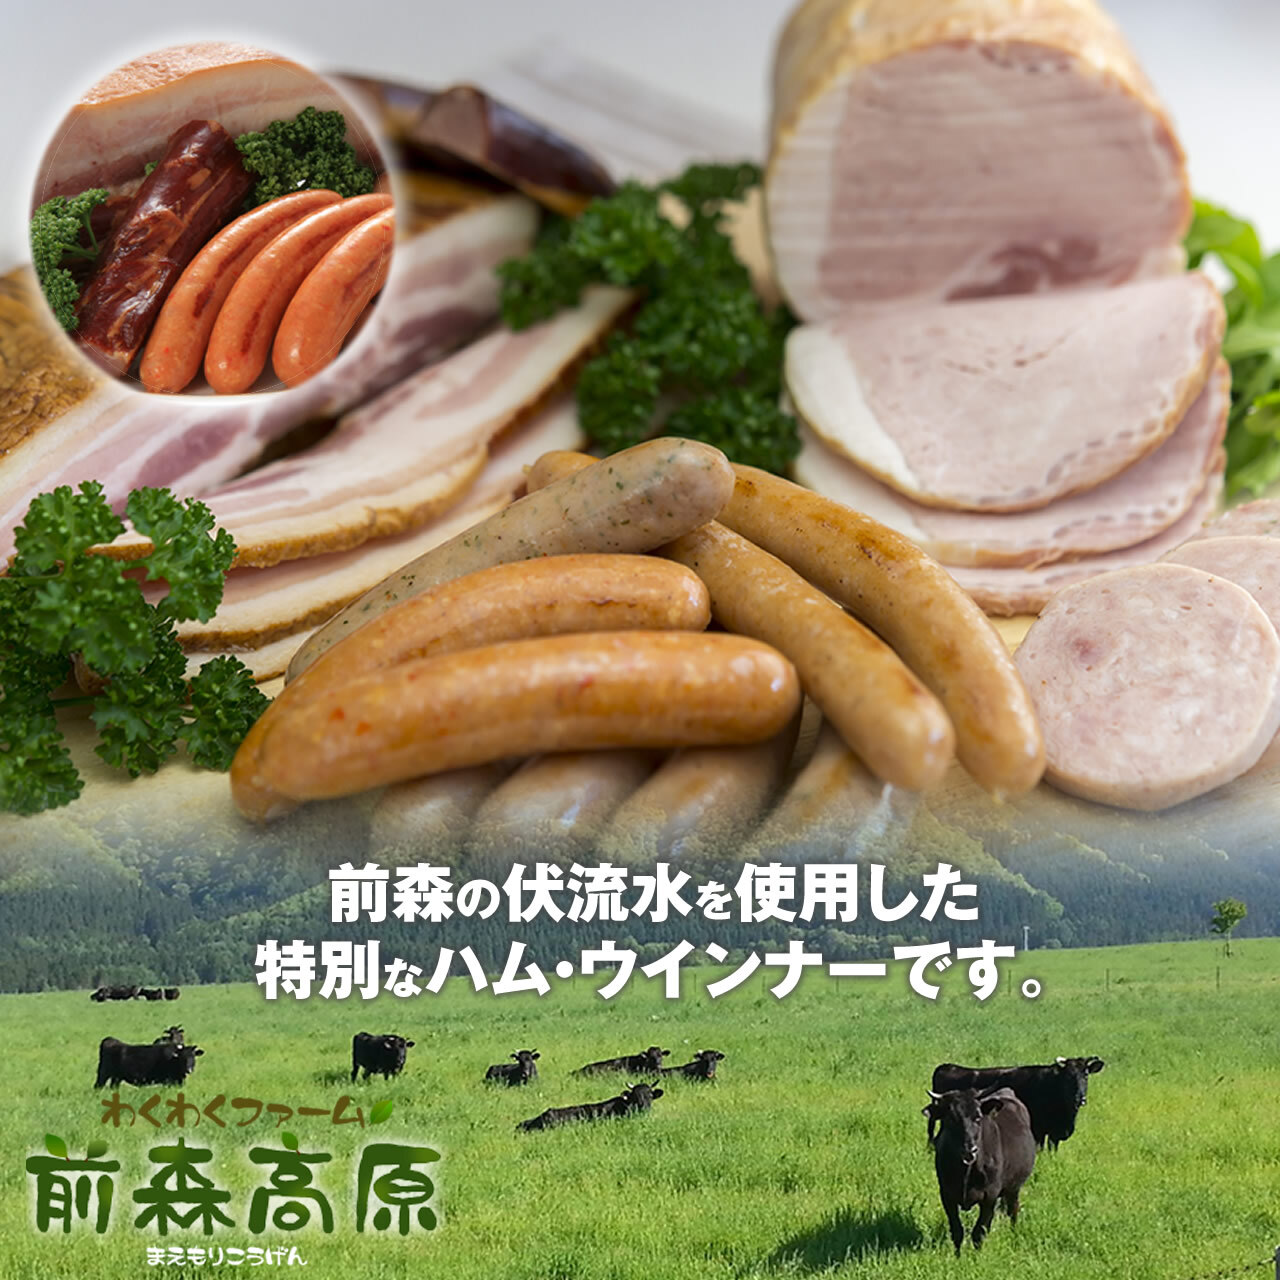 ハム・ソーセージ 前森高原 贅沢セット